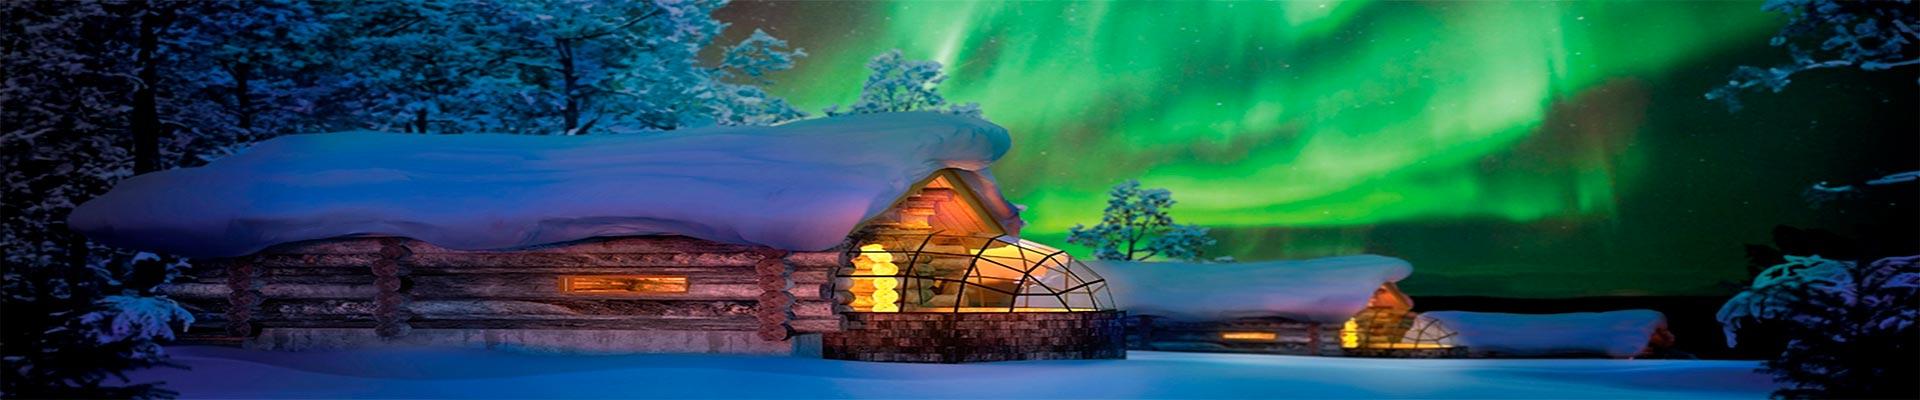 Pacote de Viagem – Lapônia com Terra do Papai Noel